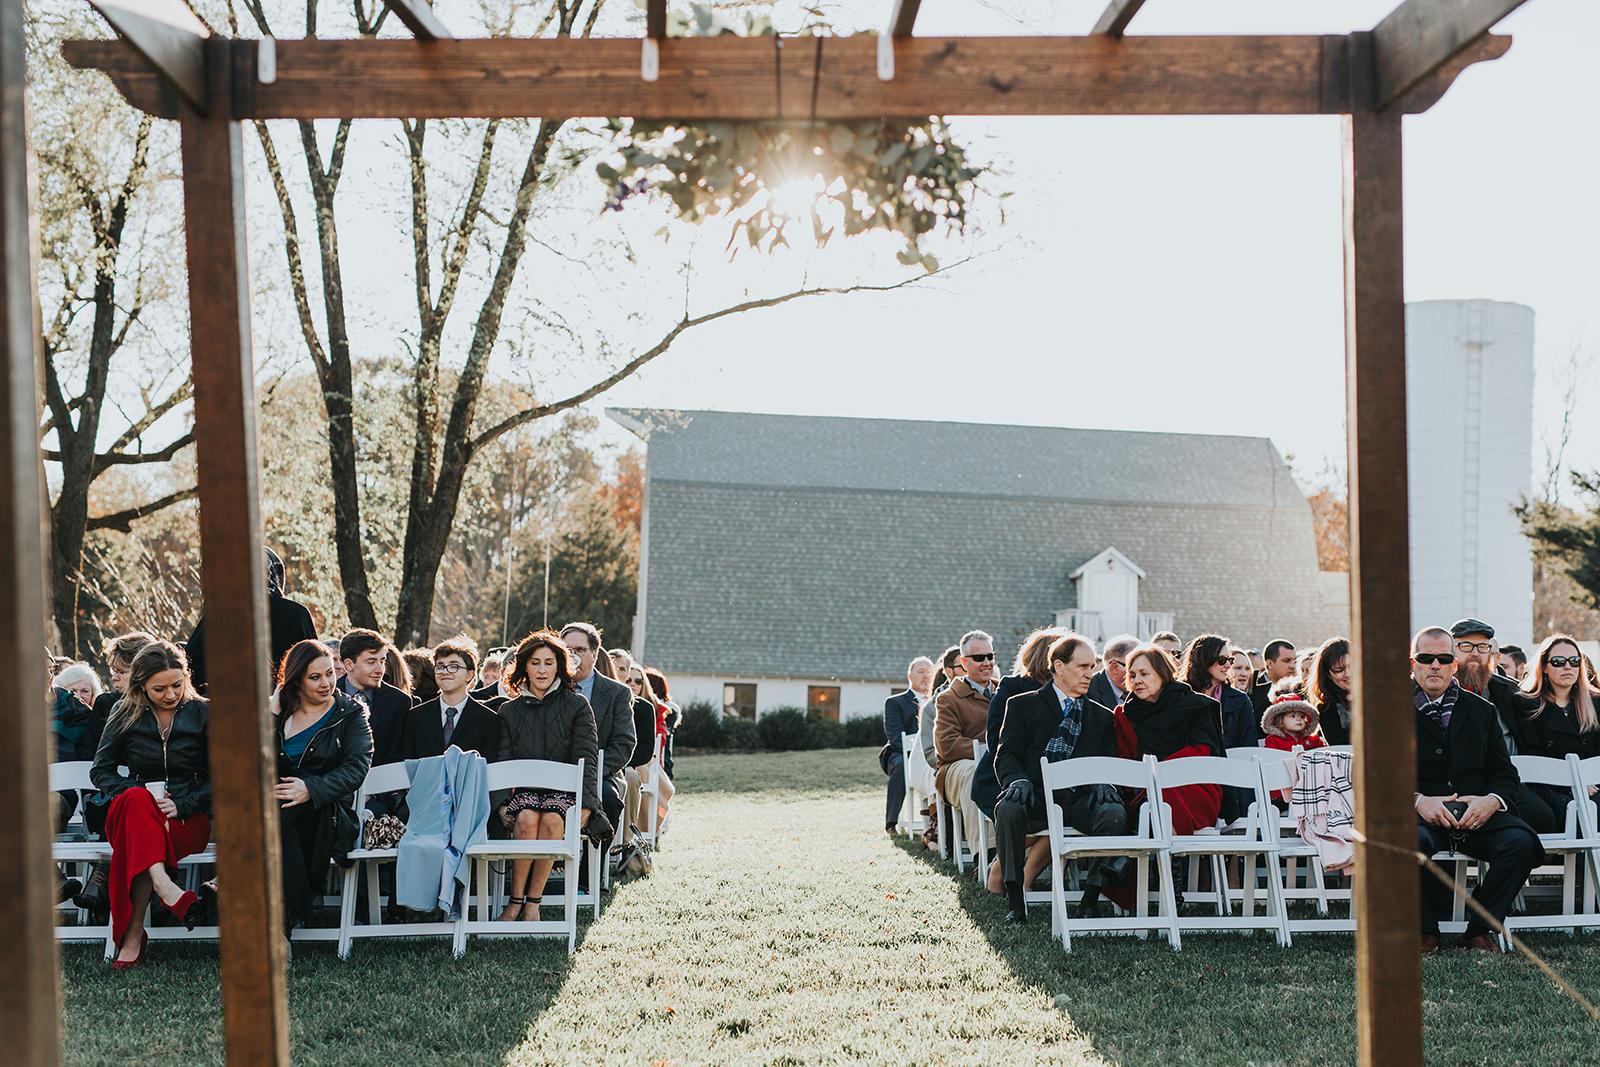 brielle-davis-events-48-fields-wedding-ceremony.jpg